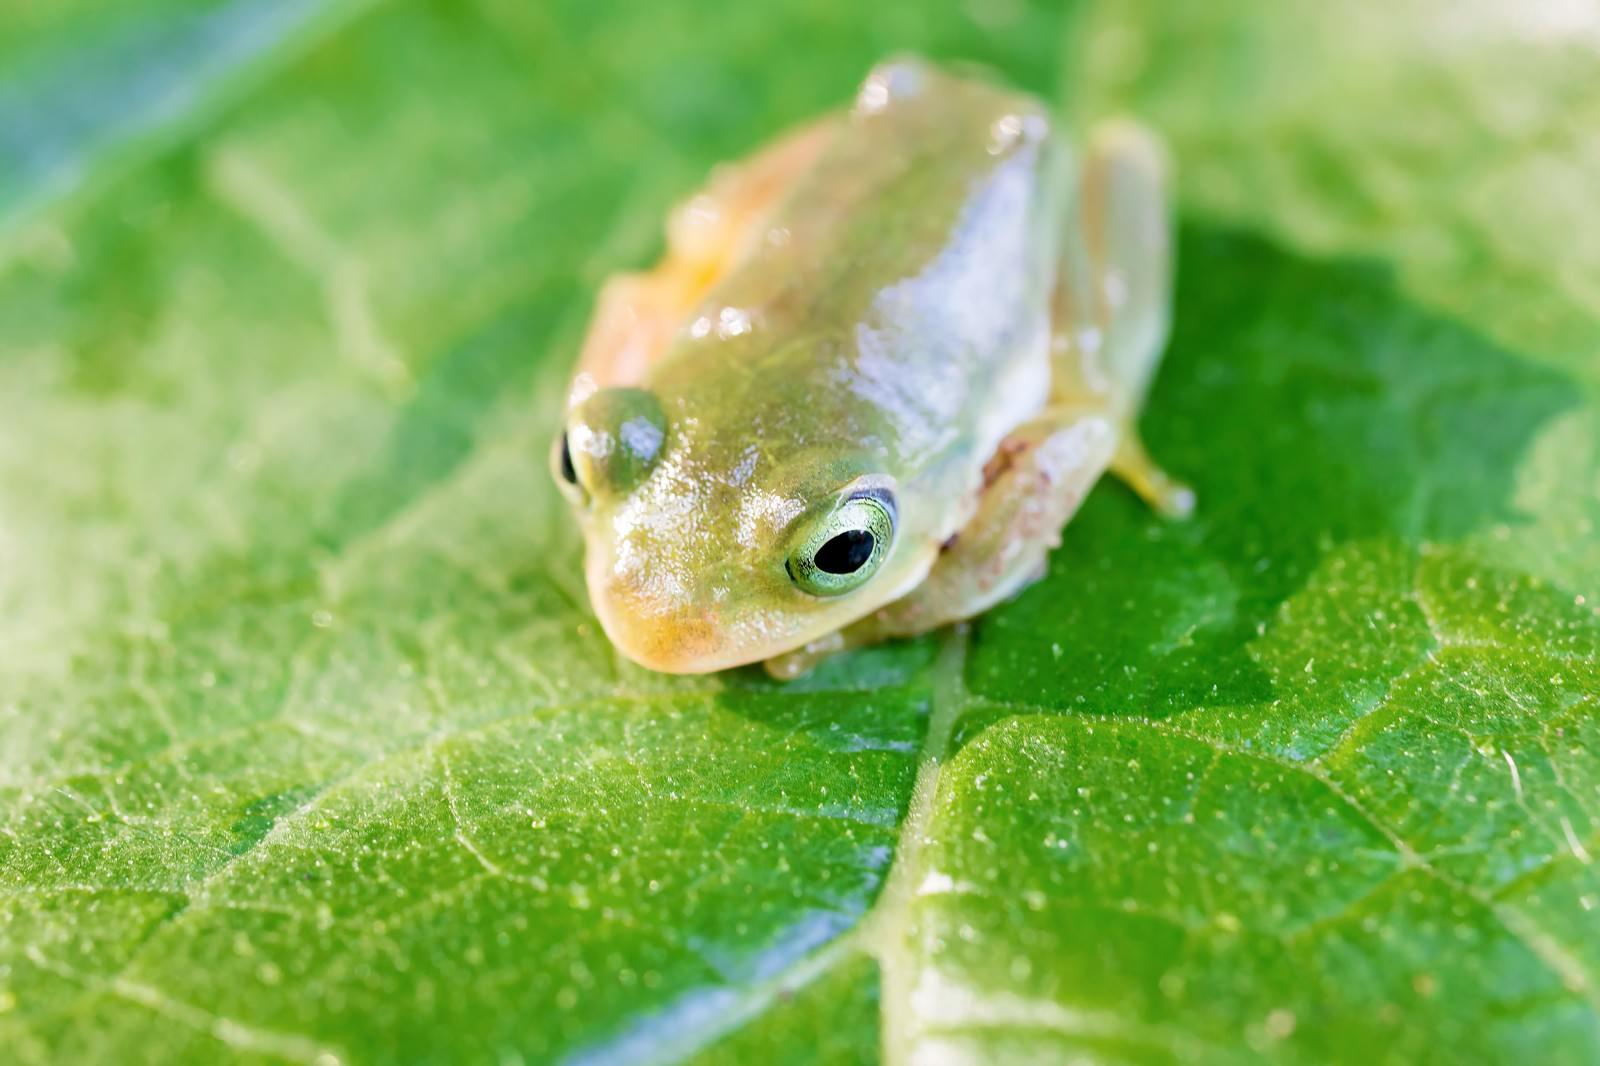 「葉っぱの上で丸くうずくまるアマガエル」の写真